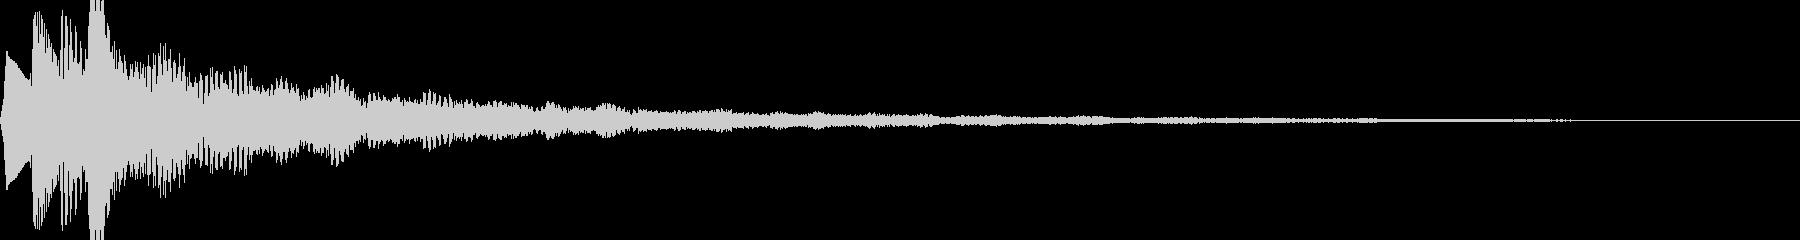 決定音/ボタン/システム/シンプル D5の未再生の波形